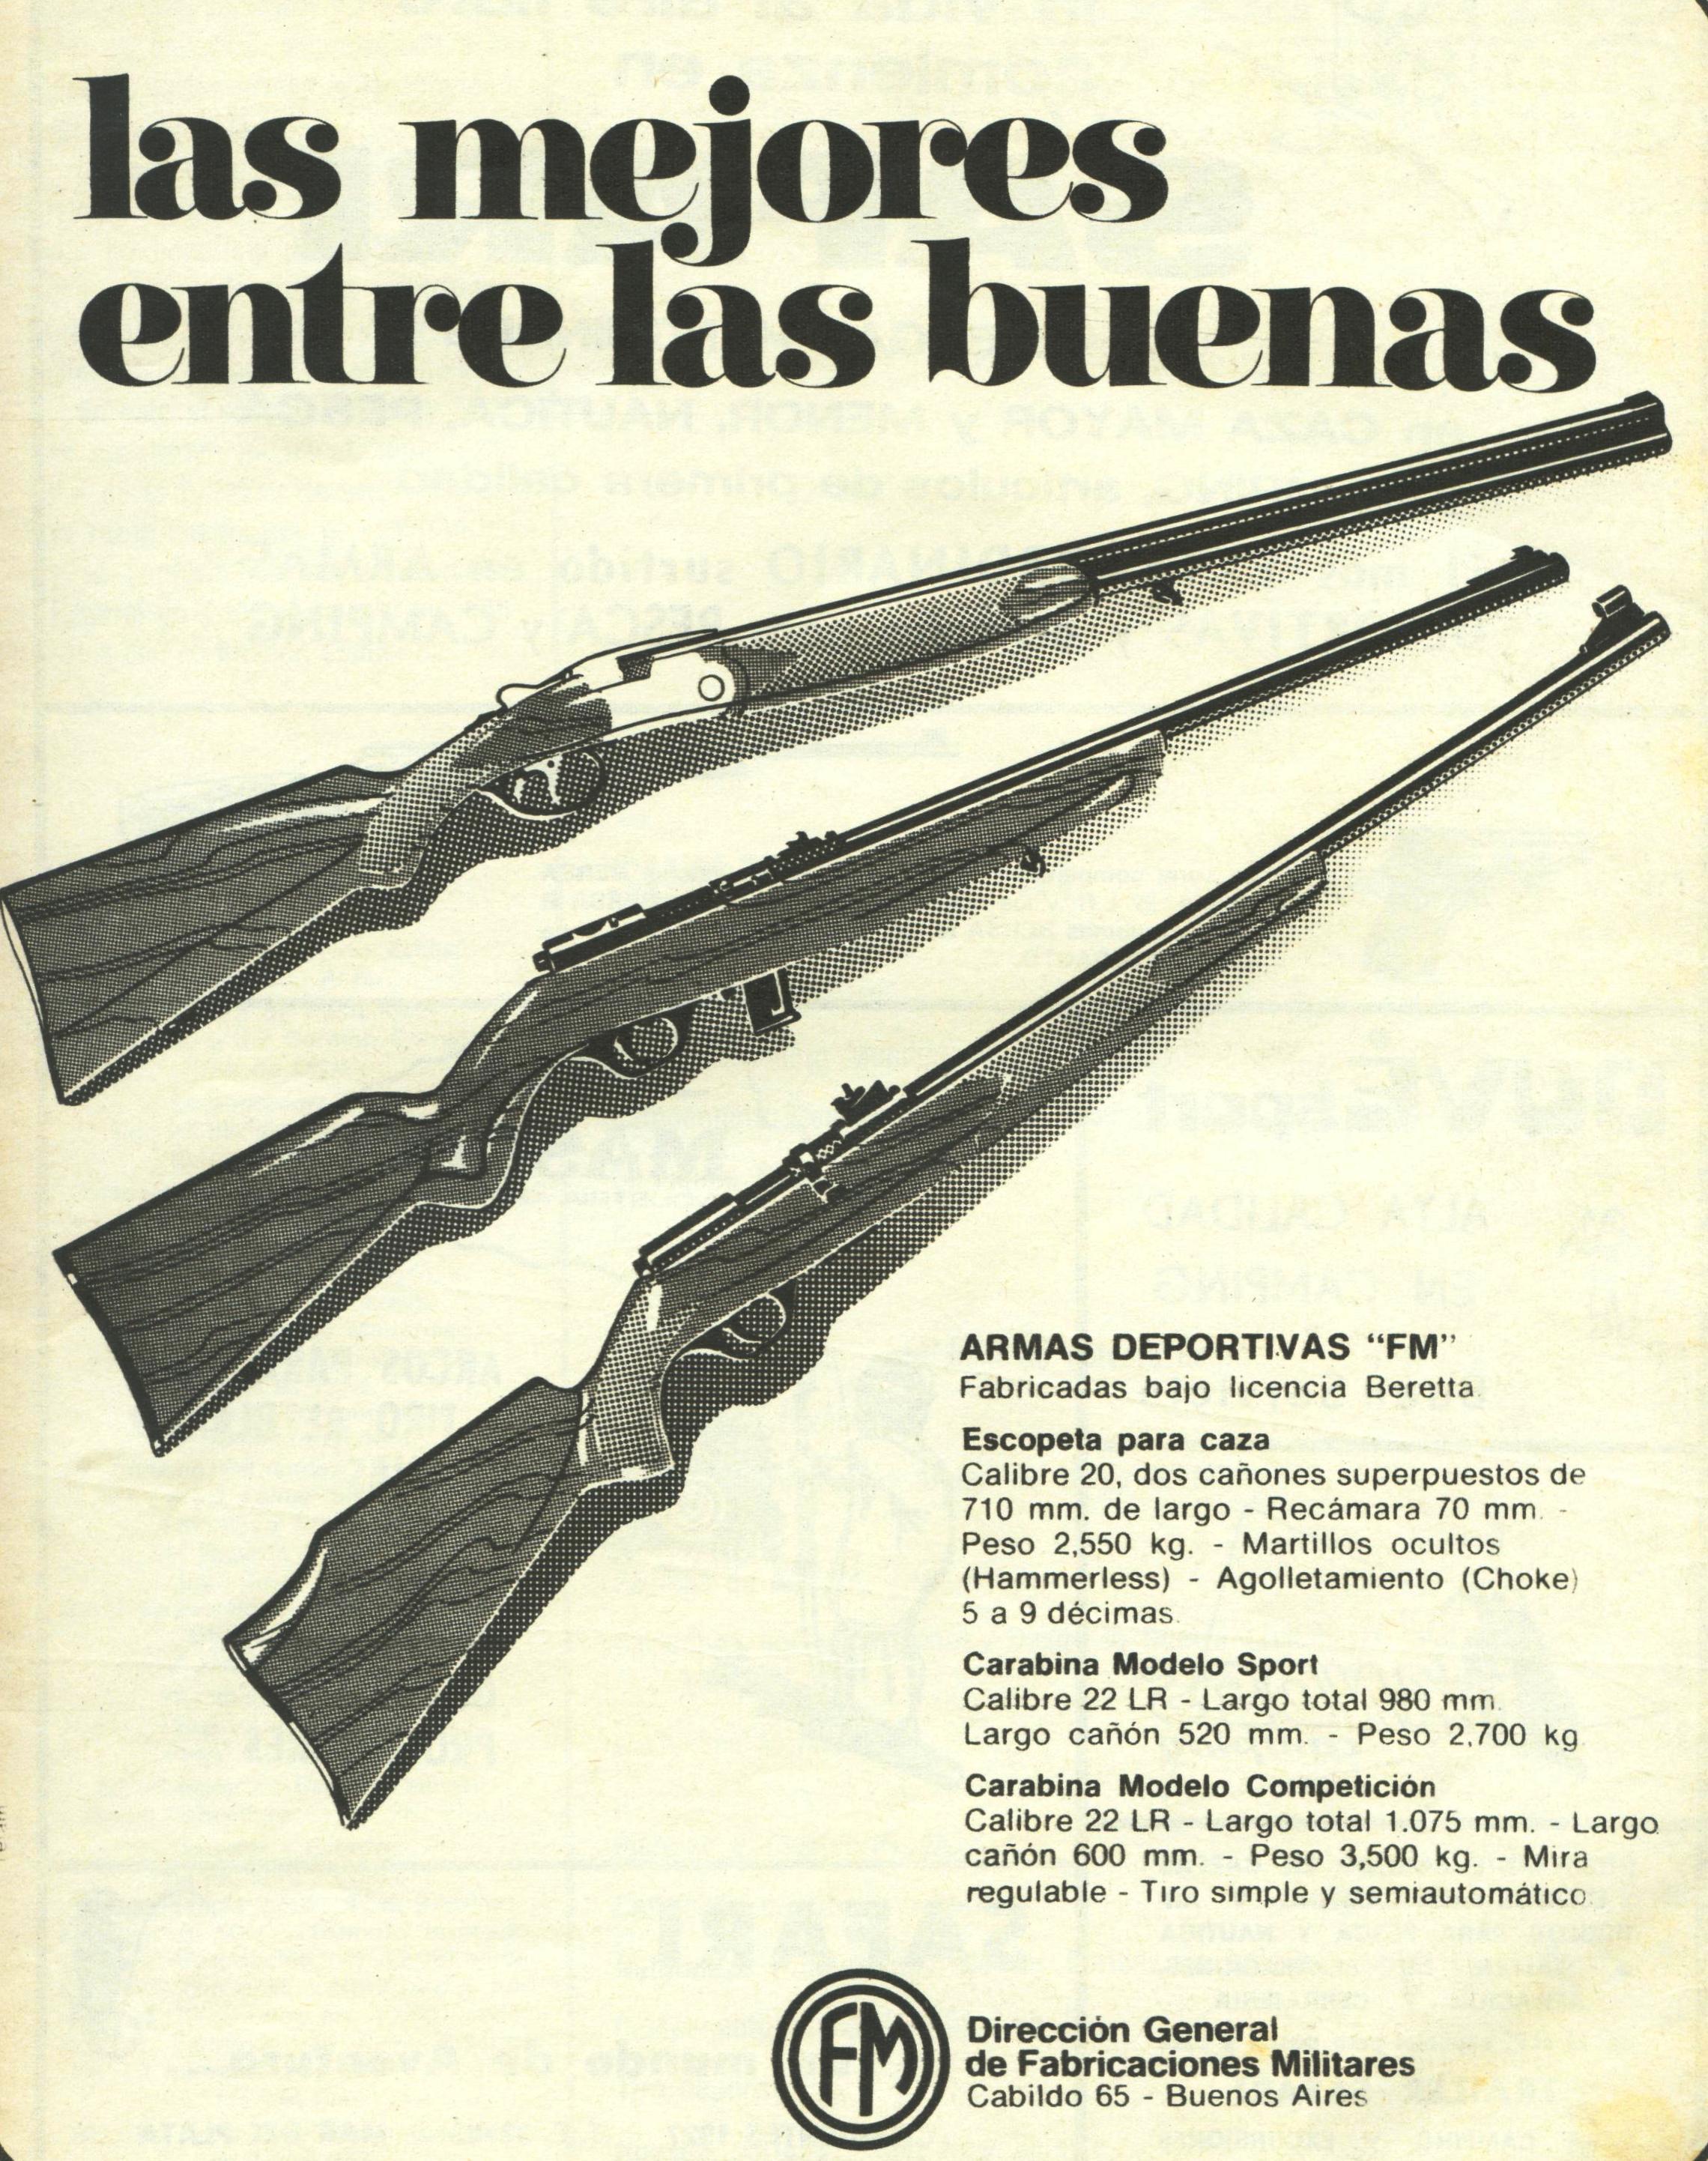 La industria de armas en Argentina